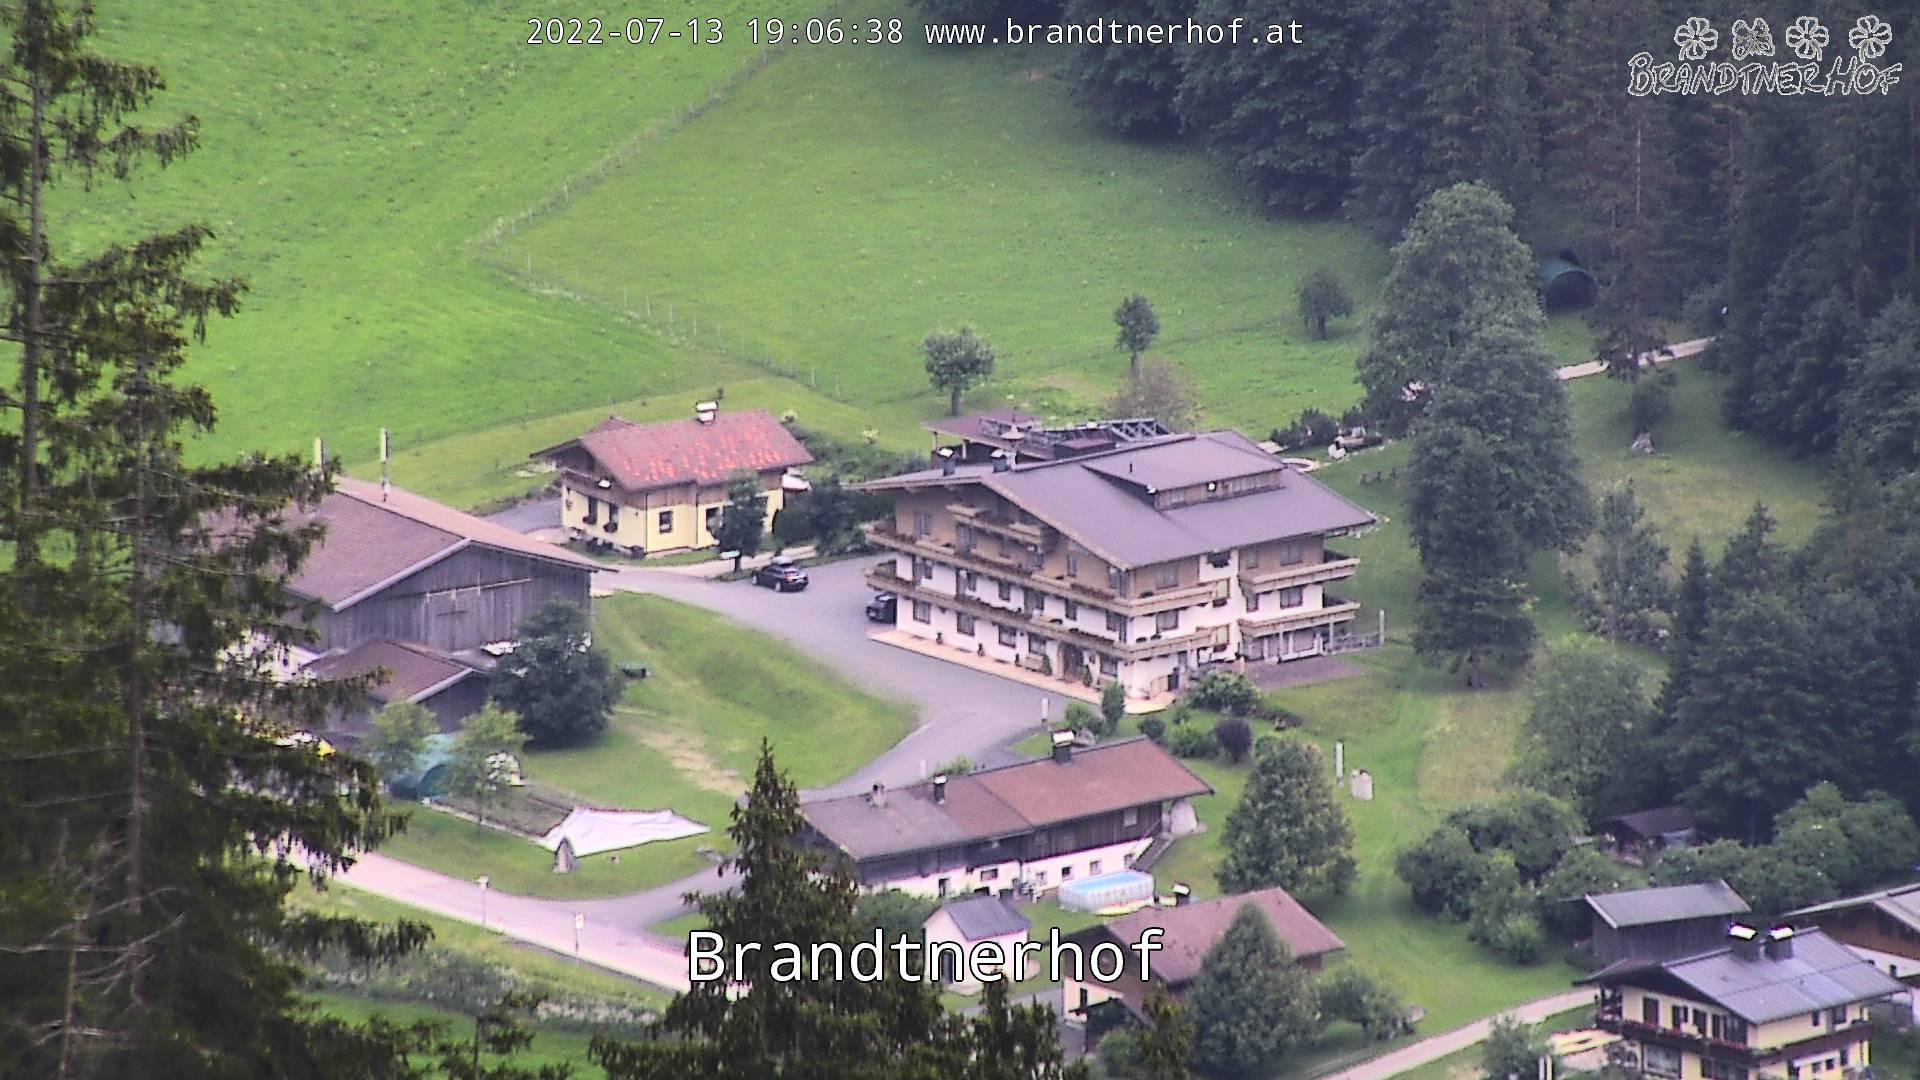 Immer aktuallisiertes Bild vom Brandtnerhof